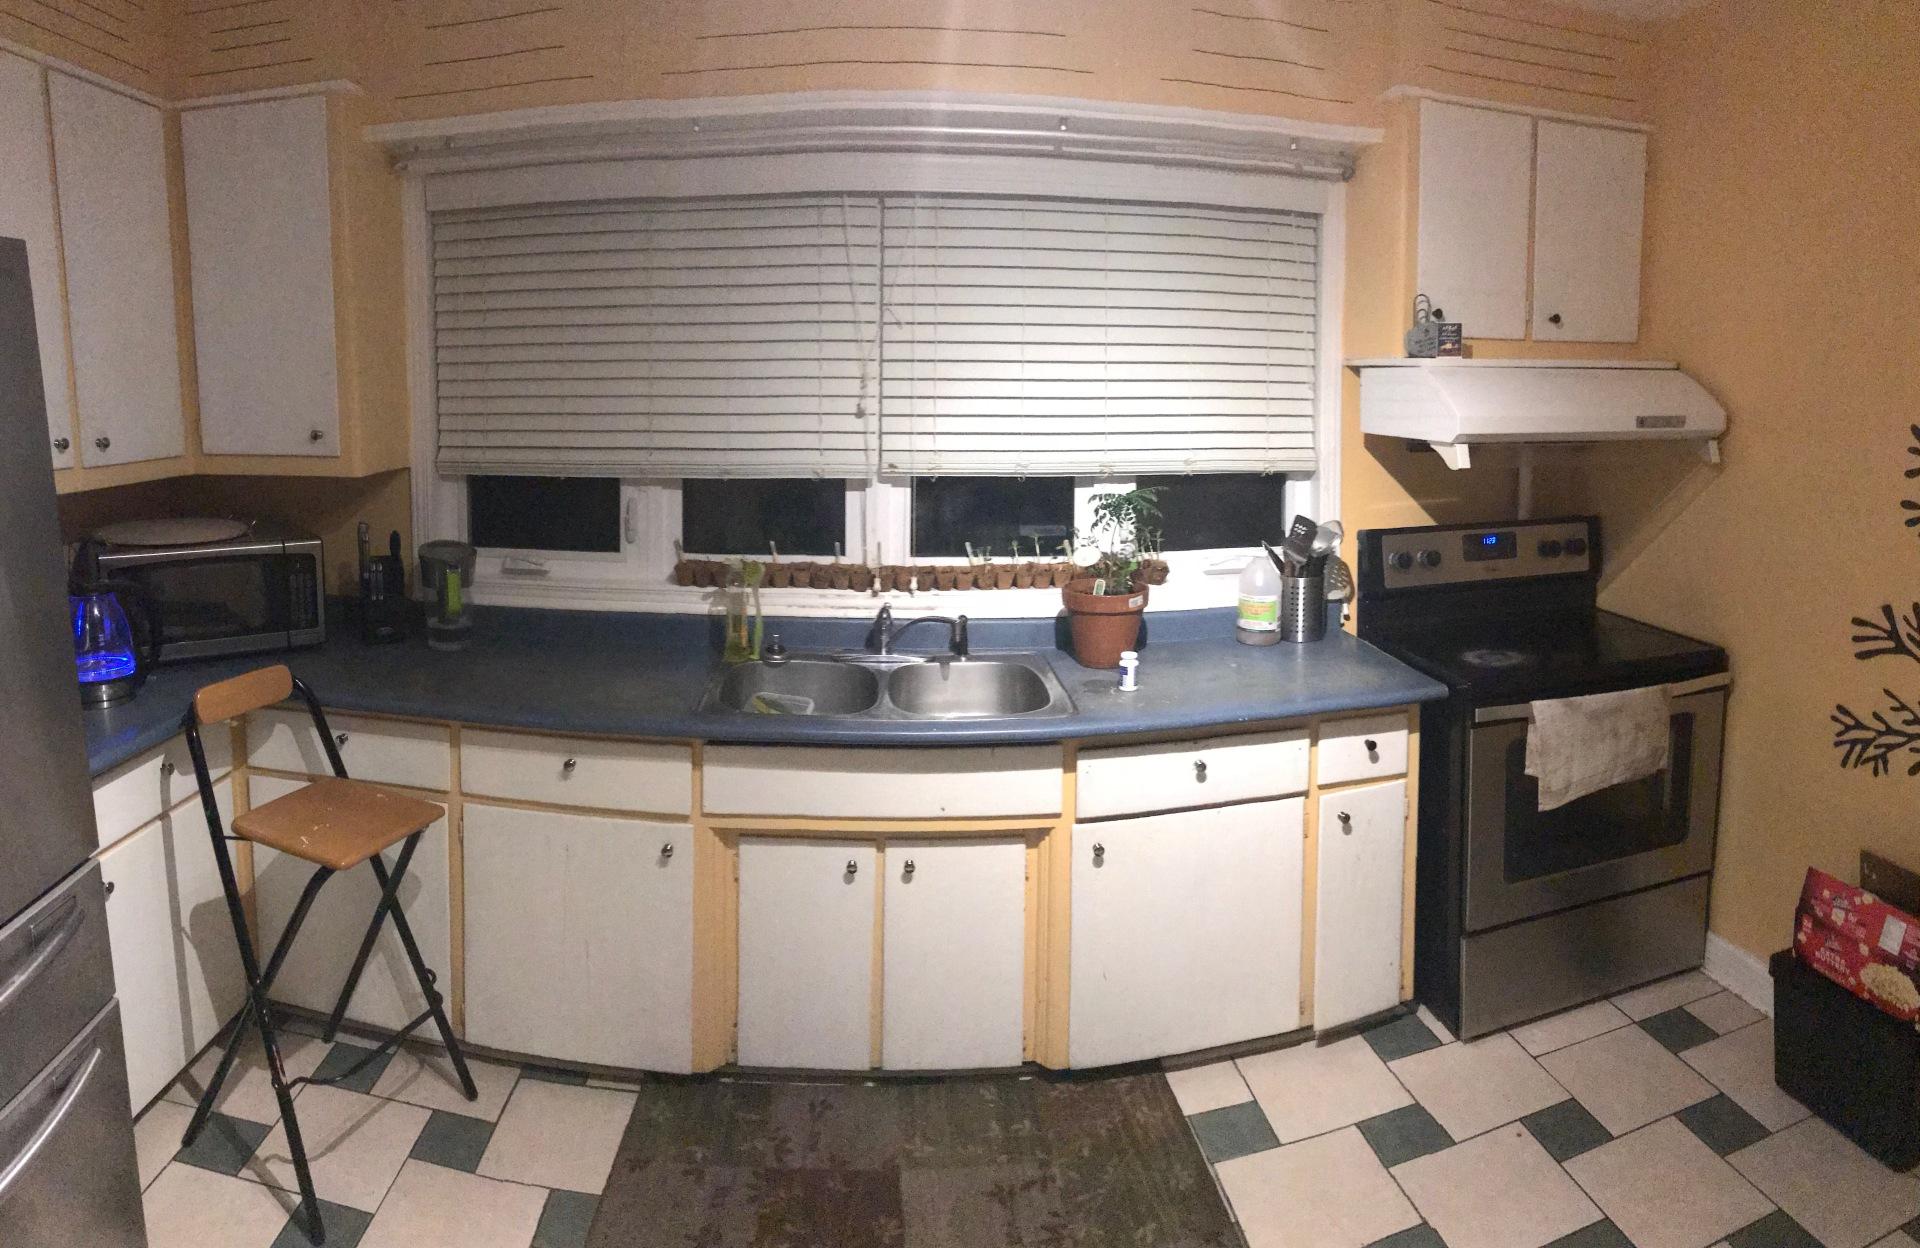 Original Sink & countertop